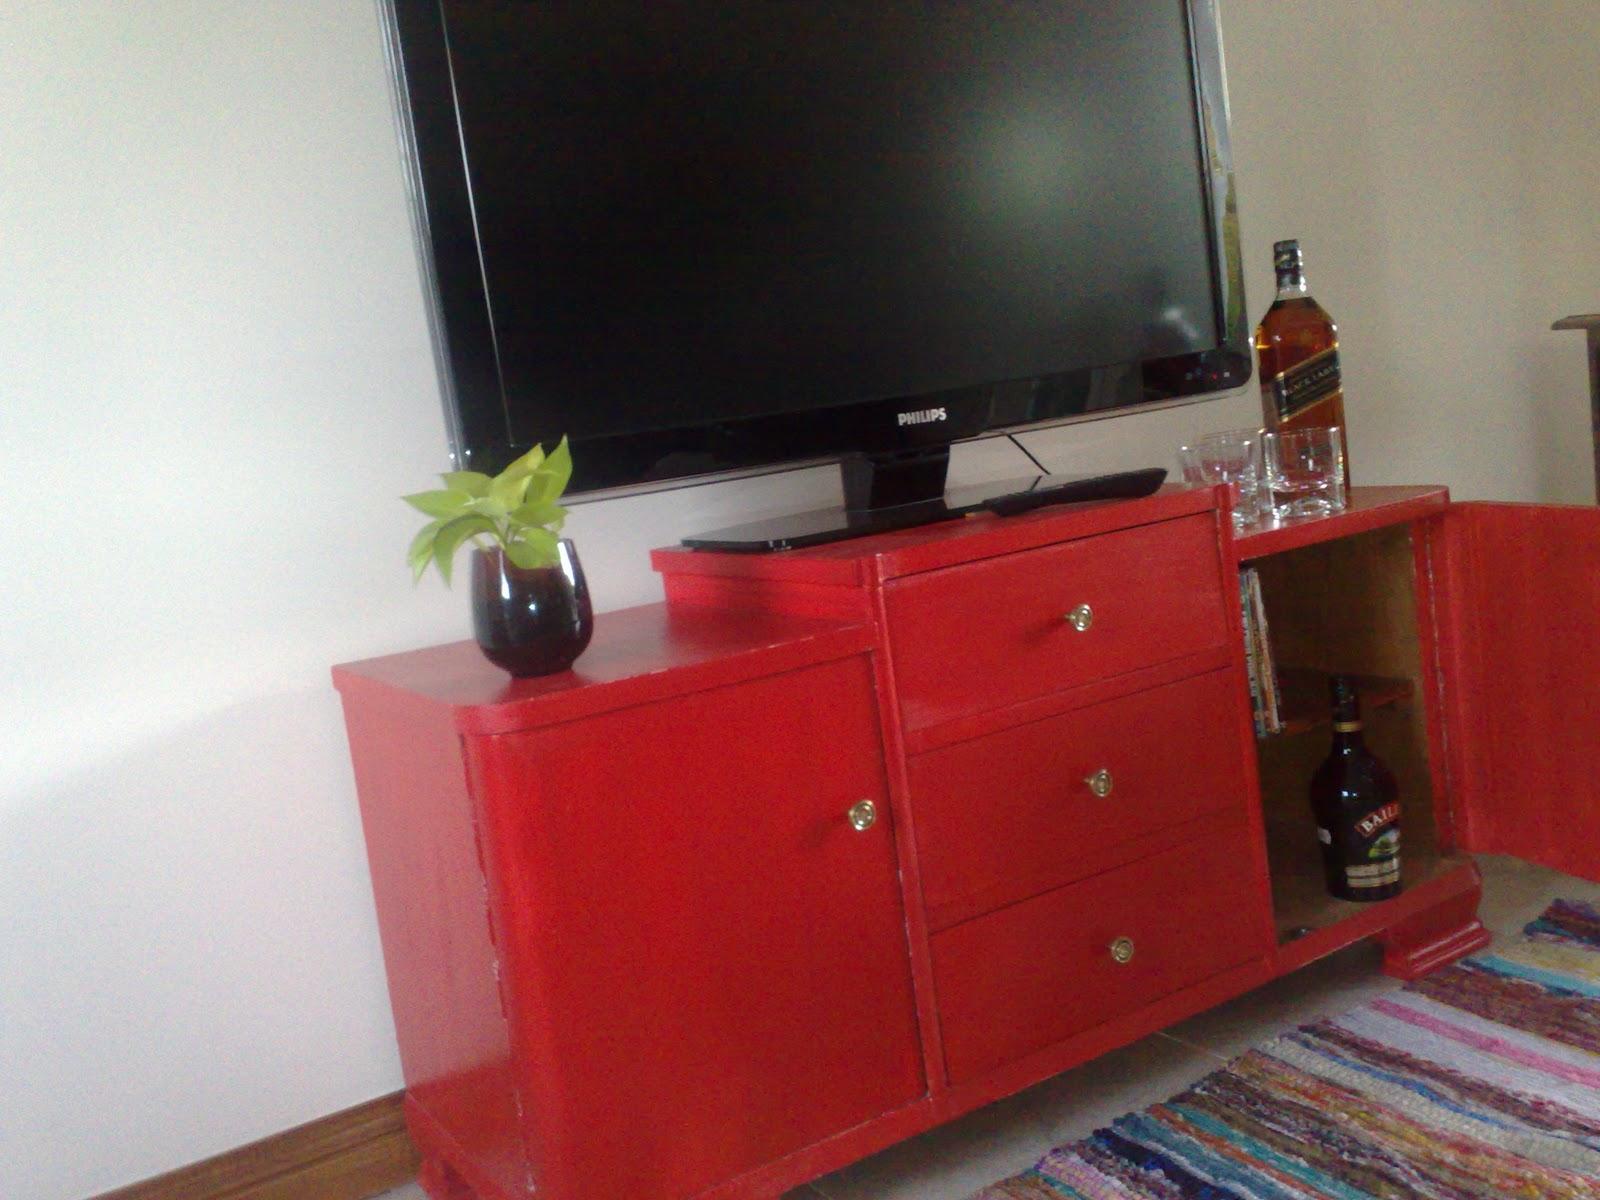 Vintouch muebles reciclados pintados a mano mueble rojo justo para el lcd 42 - Mueble salon rojo ...